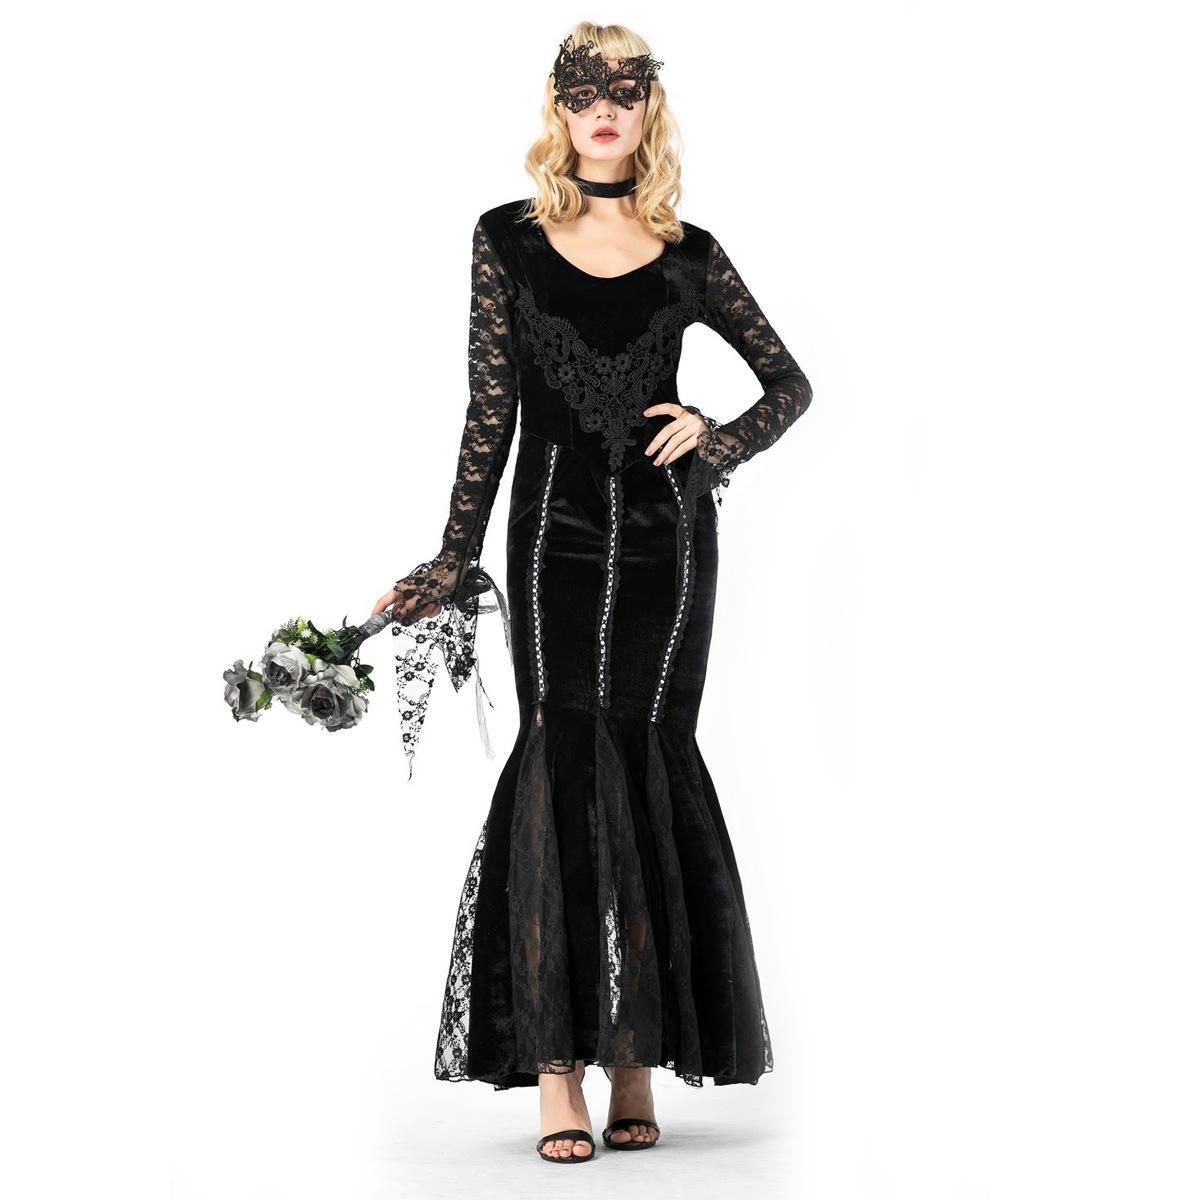 ハロウィンブラックレースの吸血鬼伯爵Vampire役で、ドレスのタキシードスカートを披露しました。